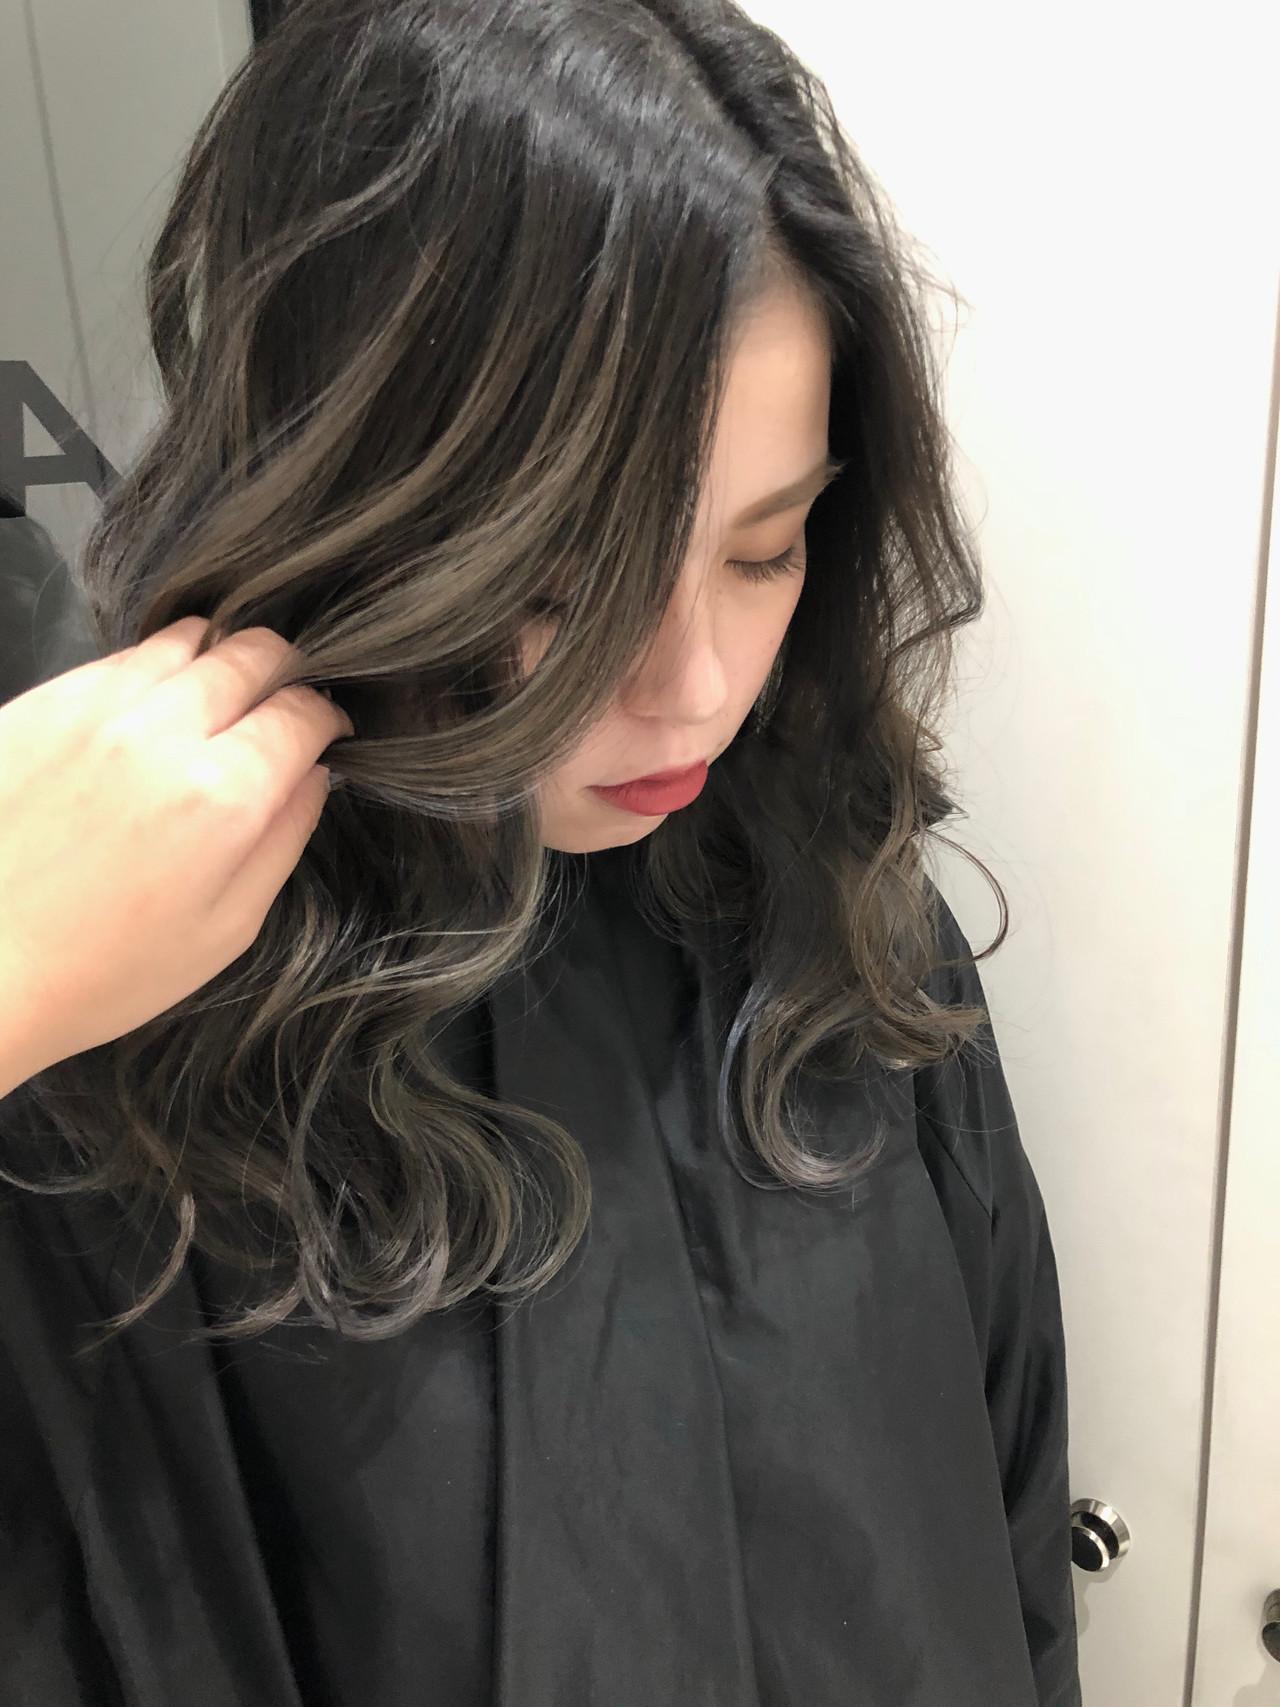 ミルクティーベージュ エレガント ロング バレイヤージュ ヘアスタイルや髪型の写真・画像